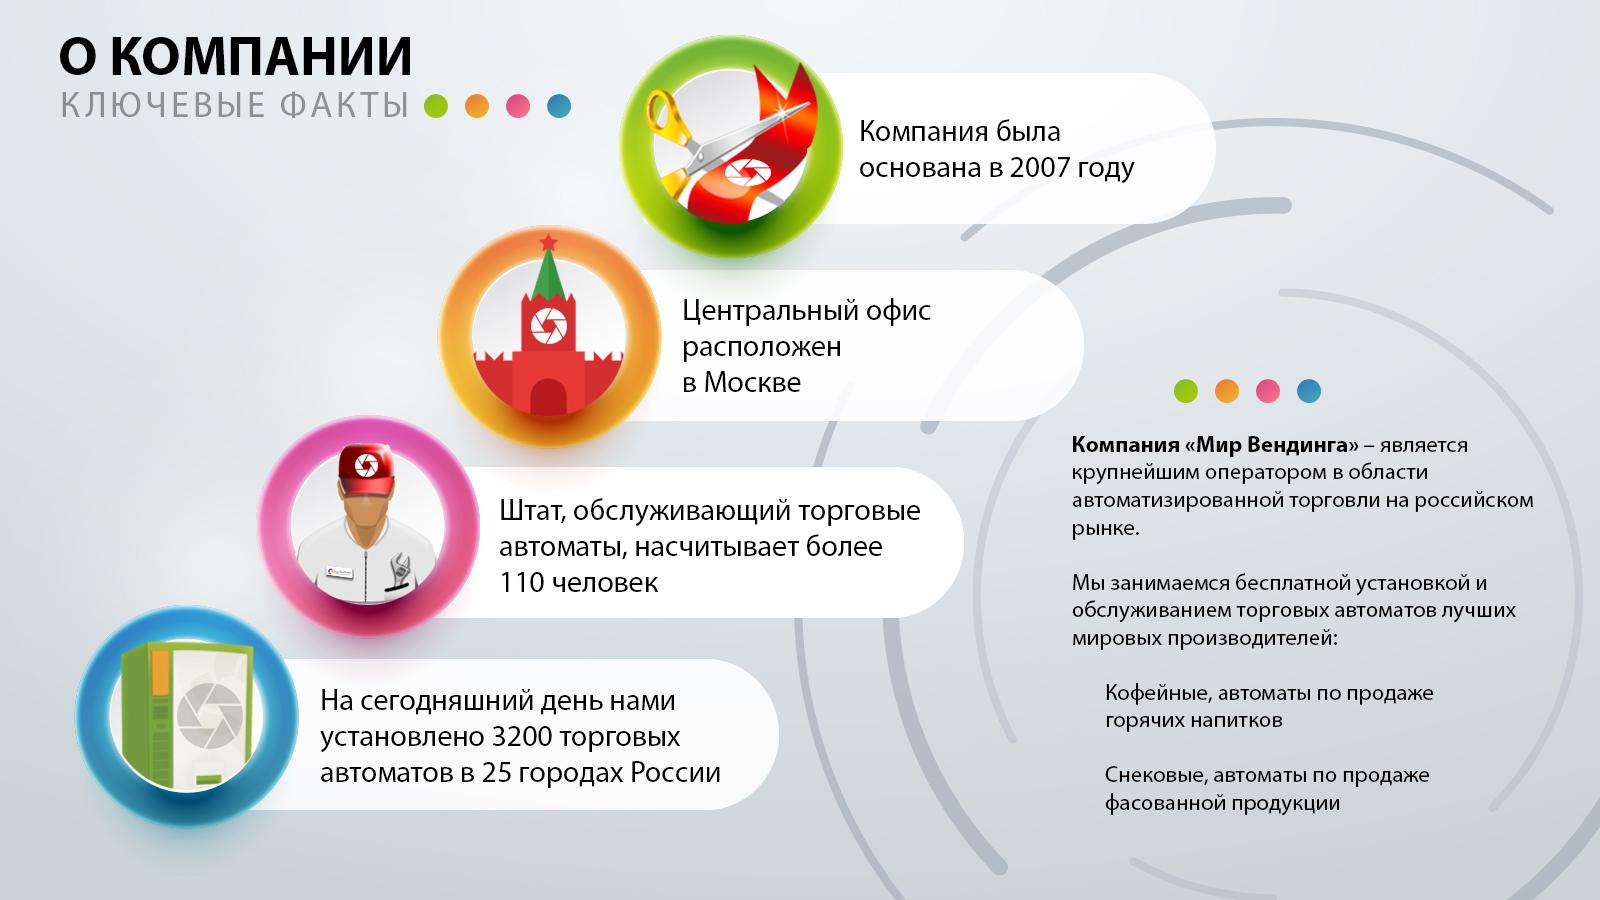 Вариант решения инфографики